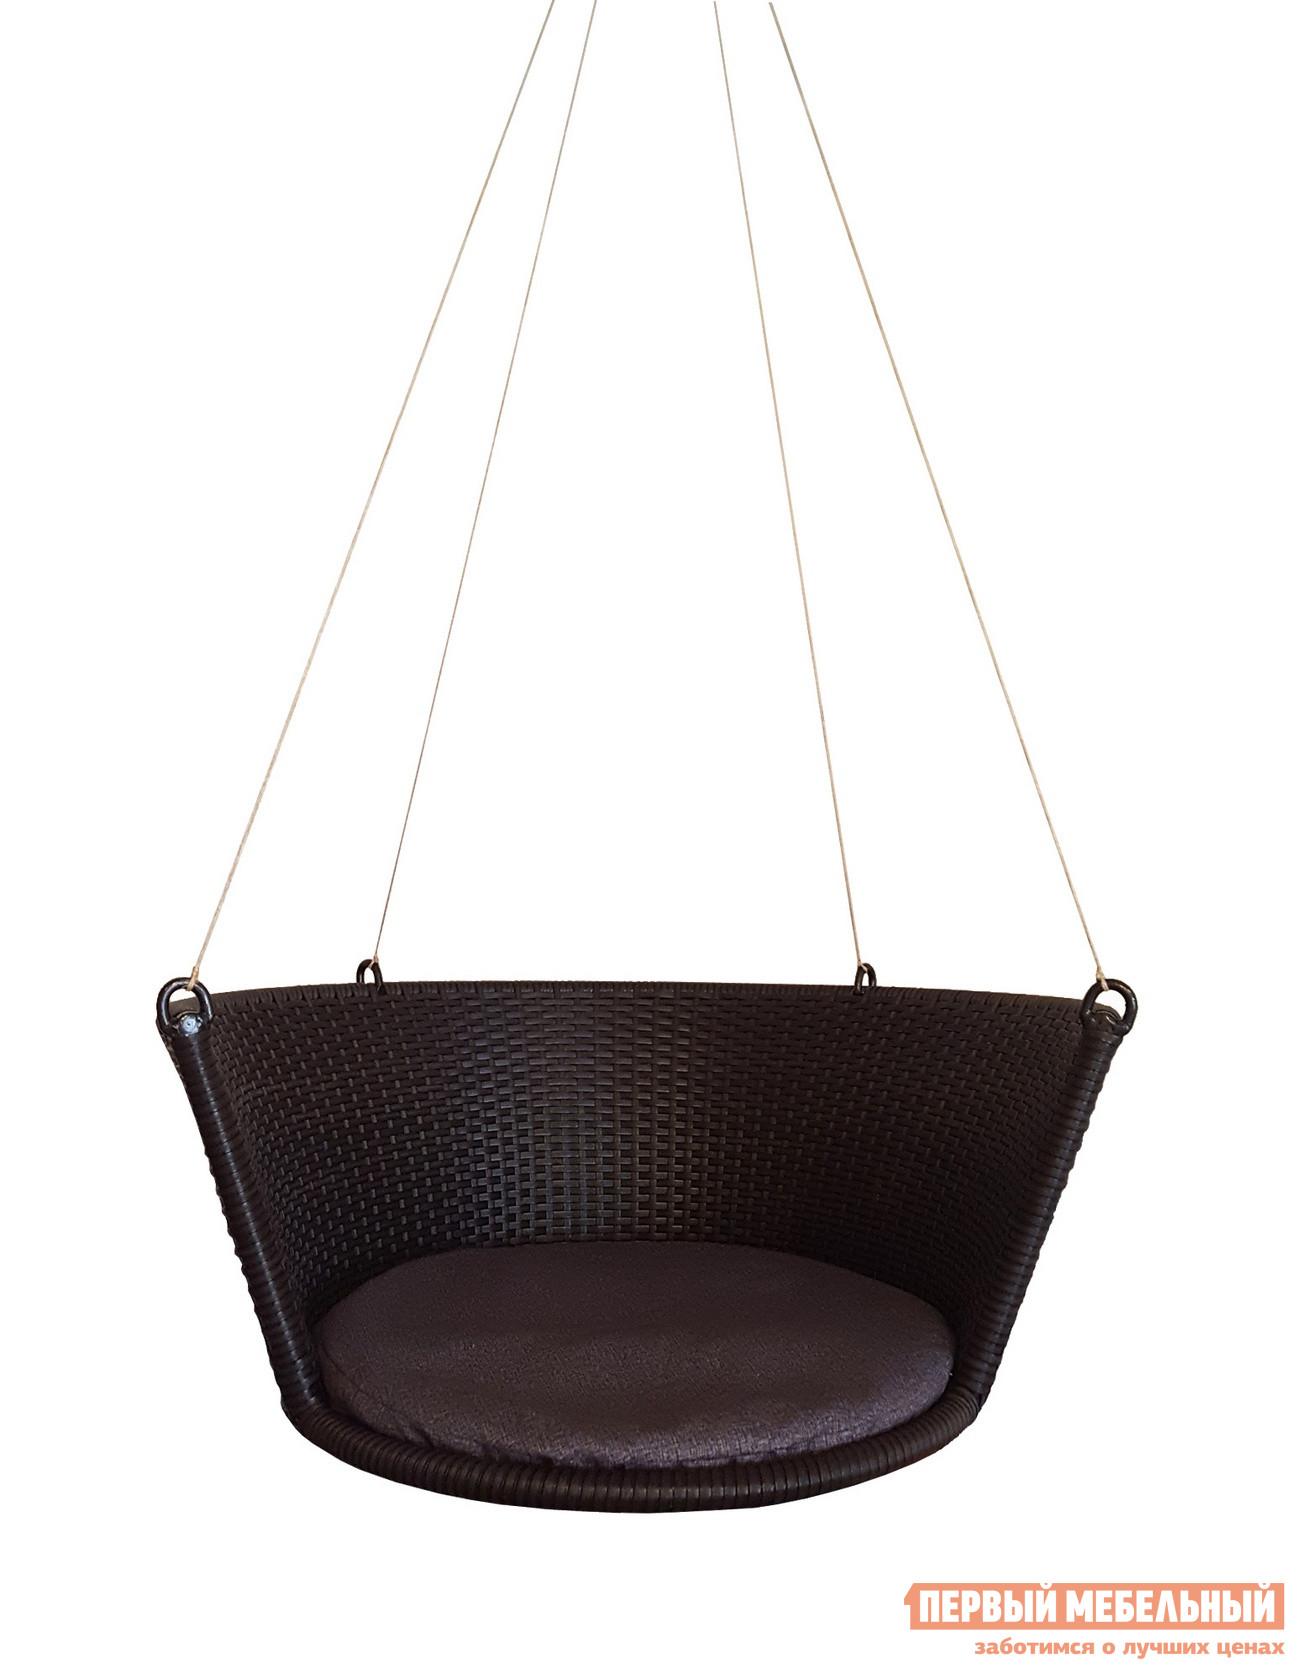 Интерьерное подвесное кресло Облачный замок Подвесное кресло Тиффани сумка printio малыш мальчишник в вегасе